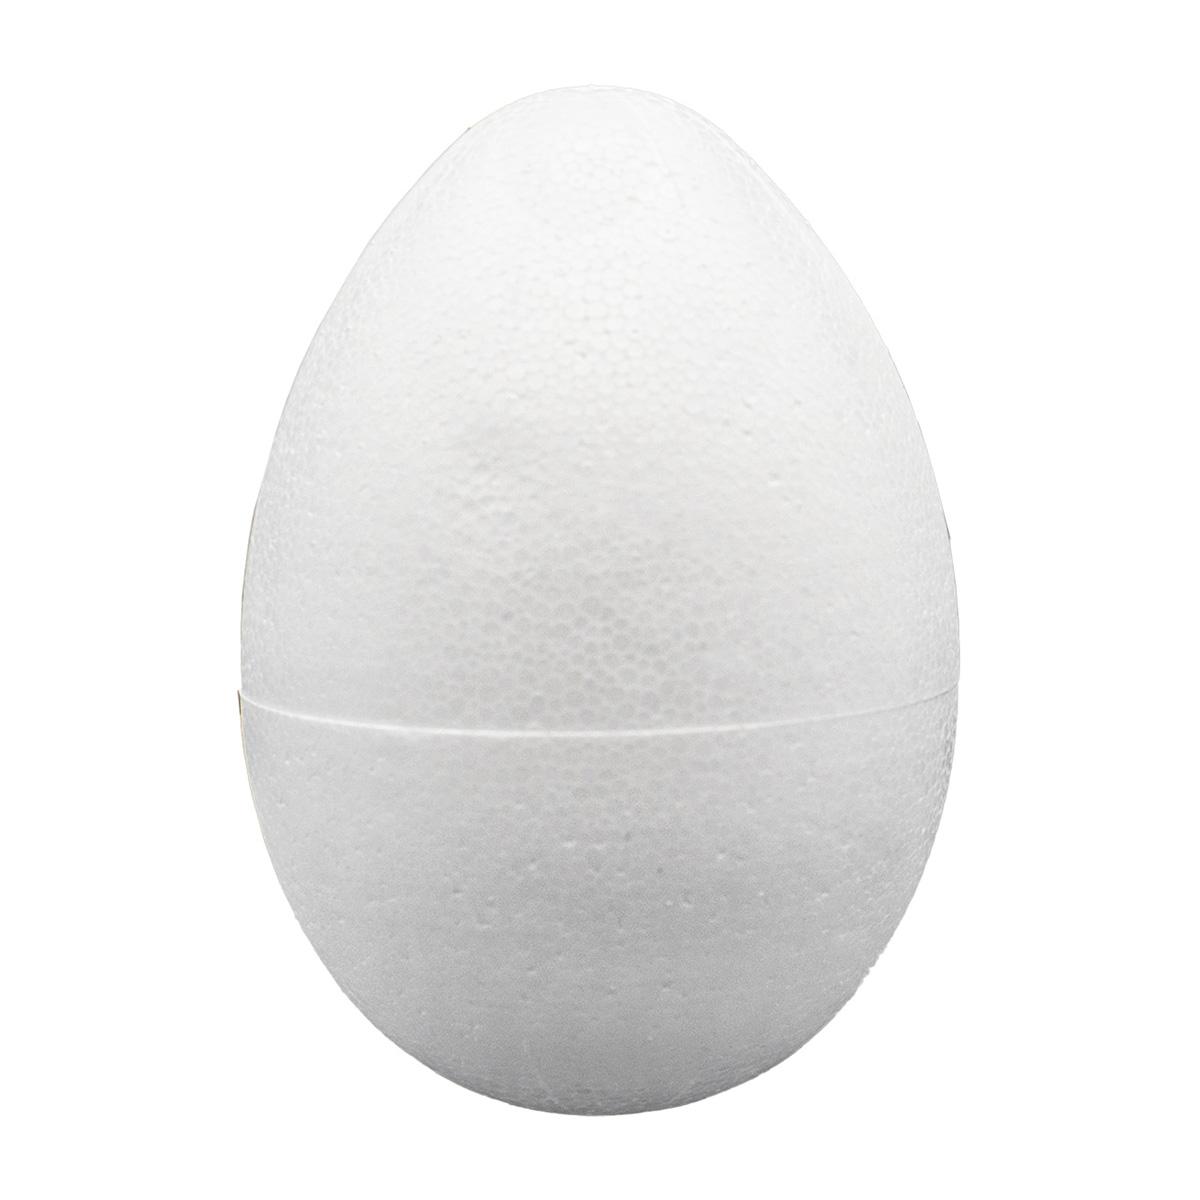 Заготовка для декорирования из пенопласта 'Яйцо', h 10см, d 7см